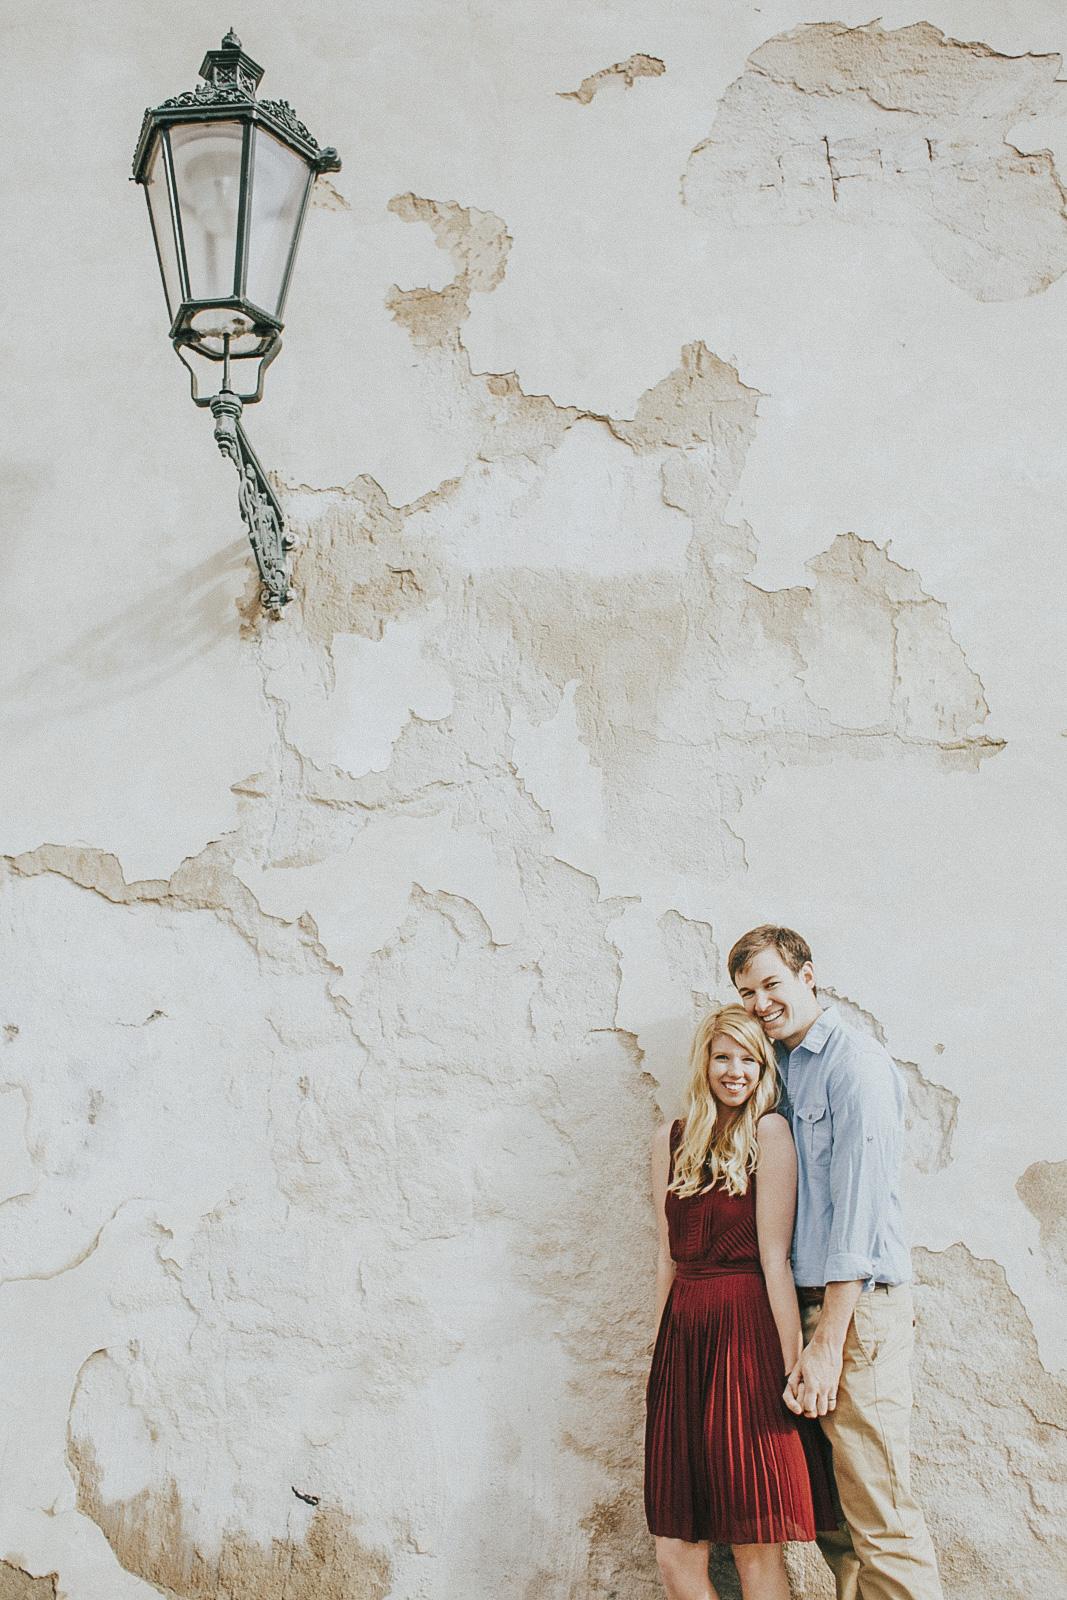 Romantic Prague Holiday Couple Photoshoot | Ceranna Photography | Europe based Lifestyle and Destination Wedding Photographer